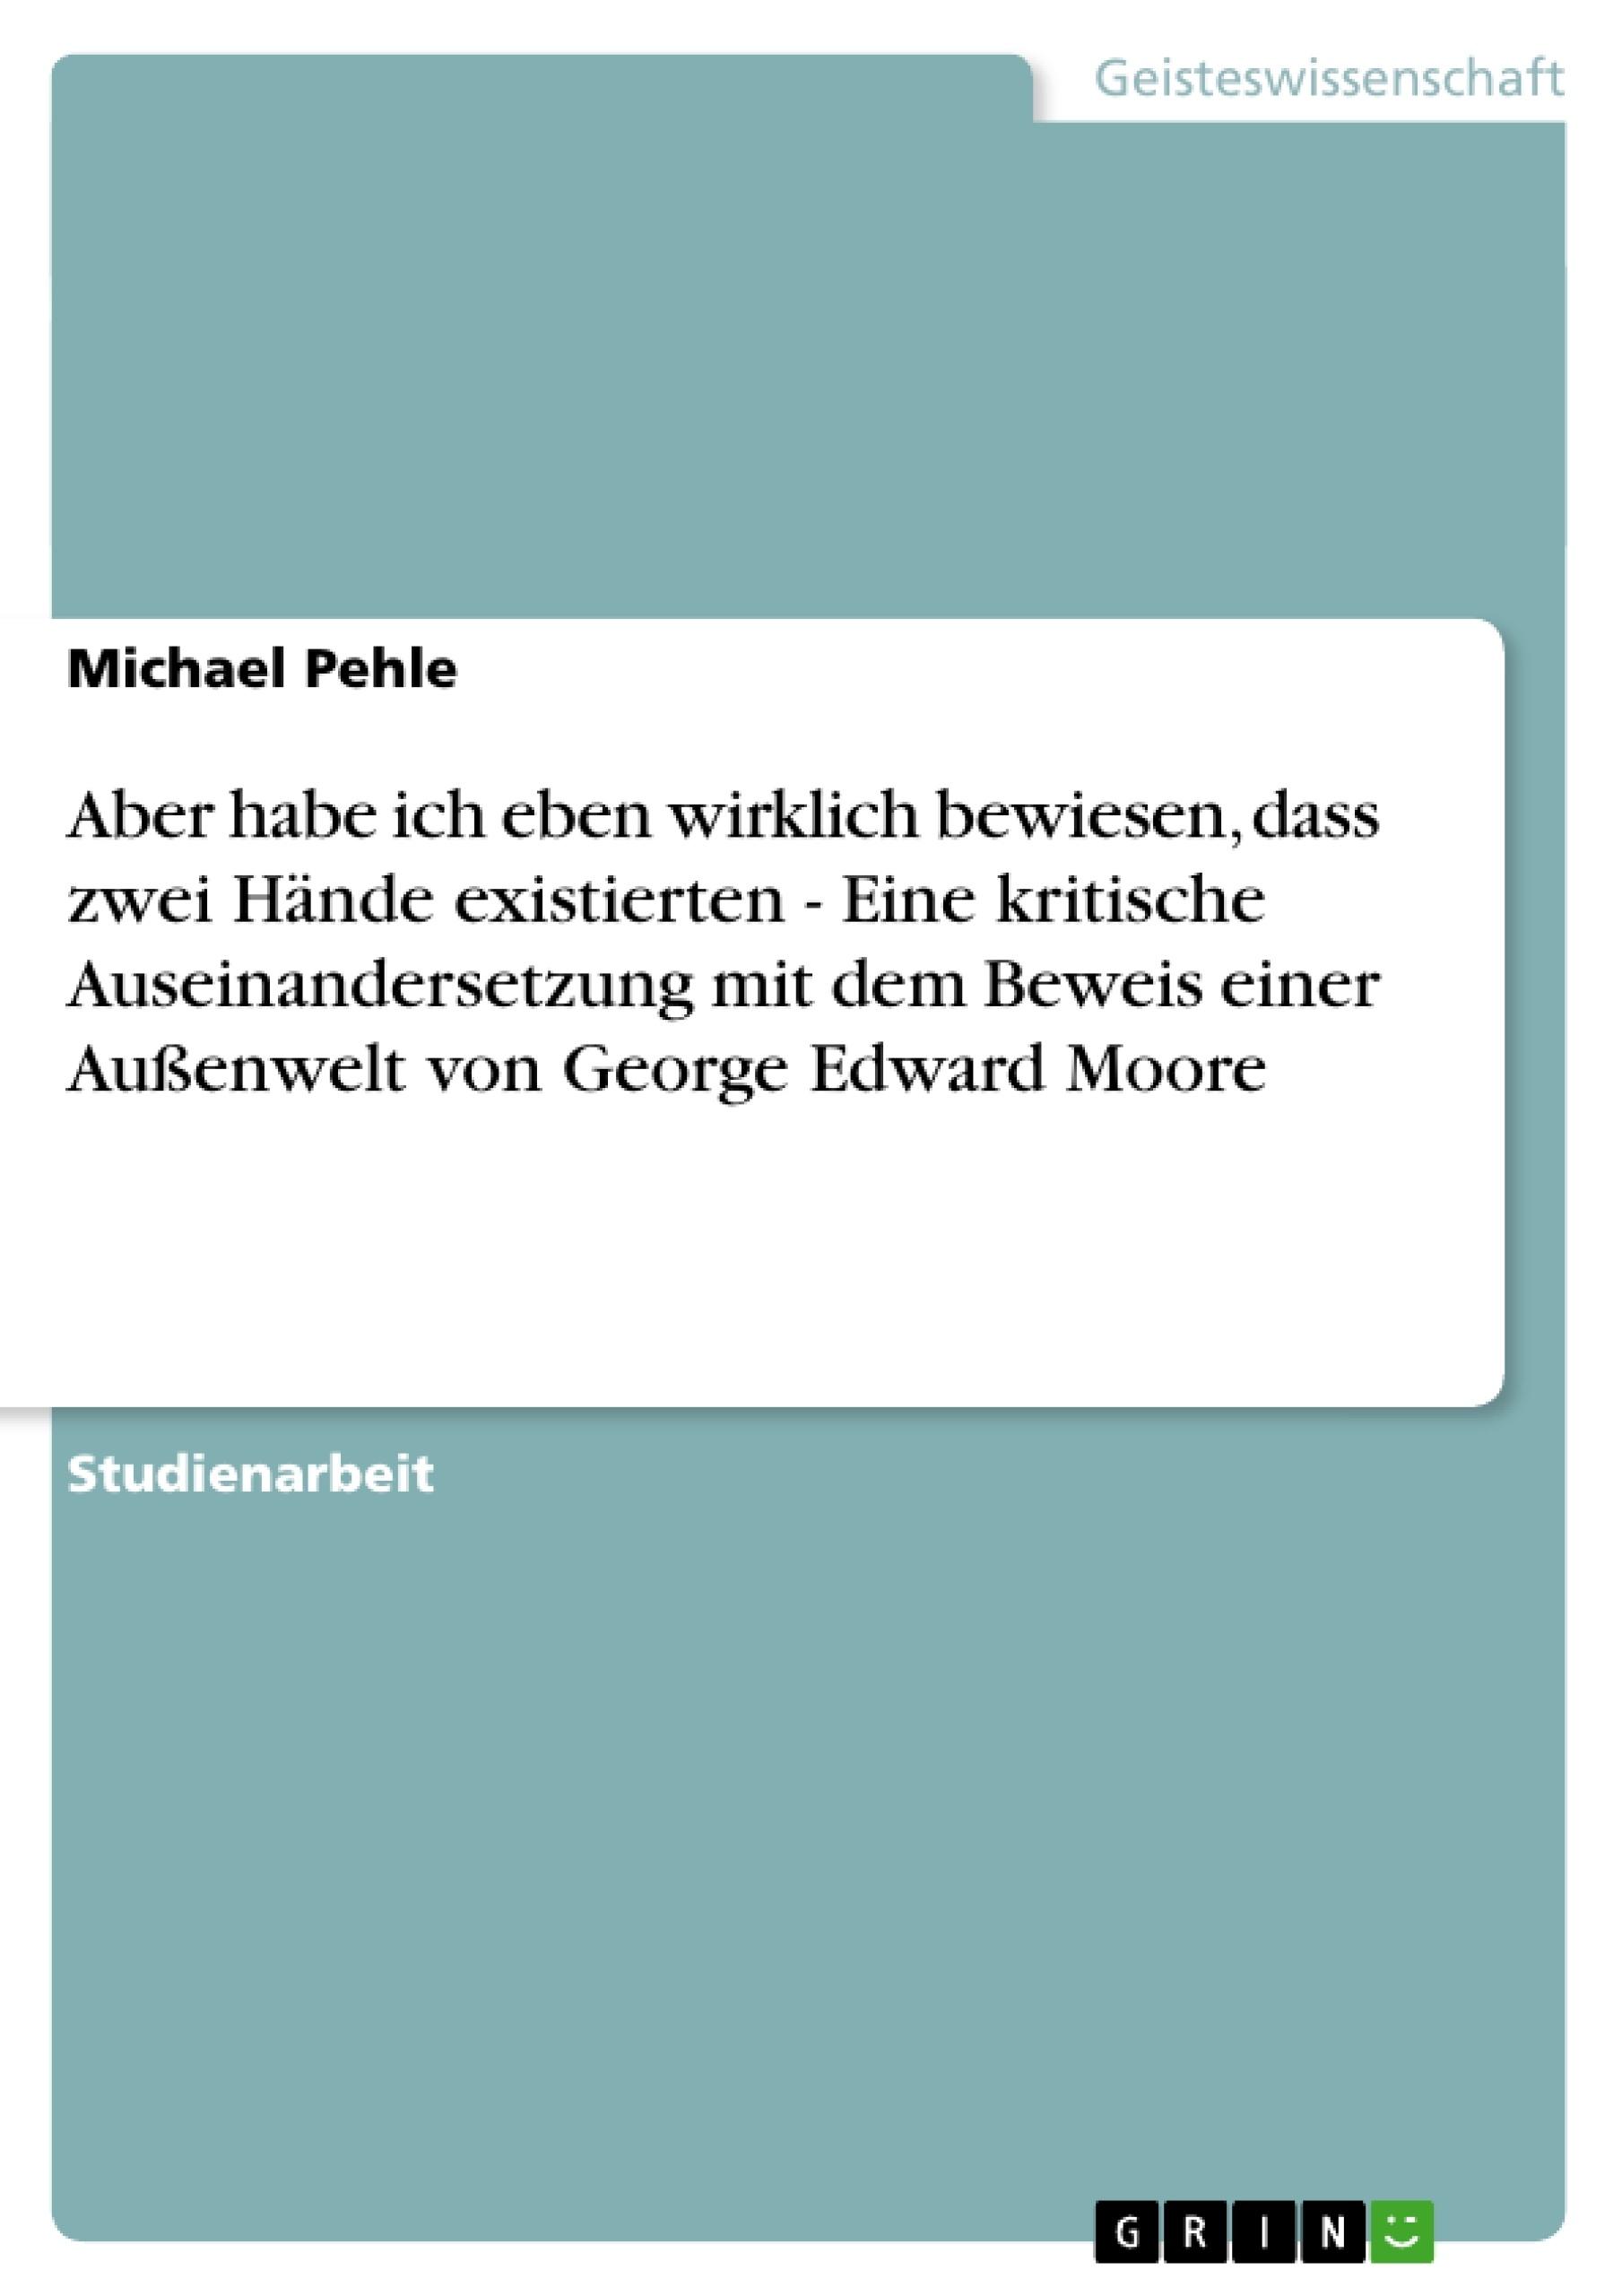 Titel: Aber habe ich eben wirklich bewiesen, dass zwei Hände existierten - Eine kritische Auseinandersetzung mit dem Beweis einer Außenwelt von George Edward Moore